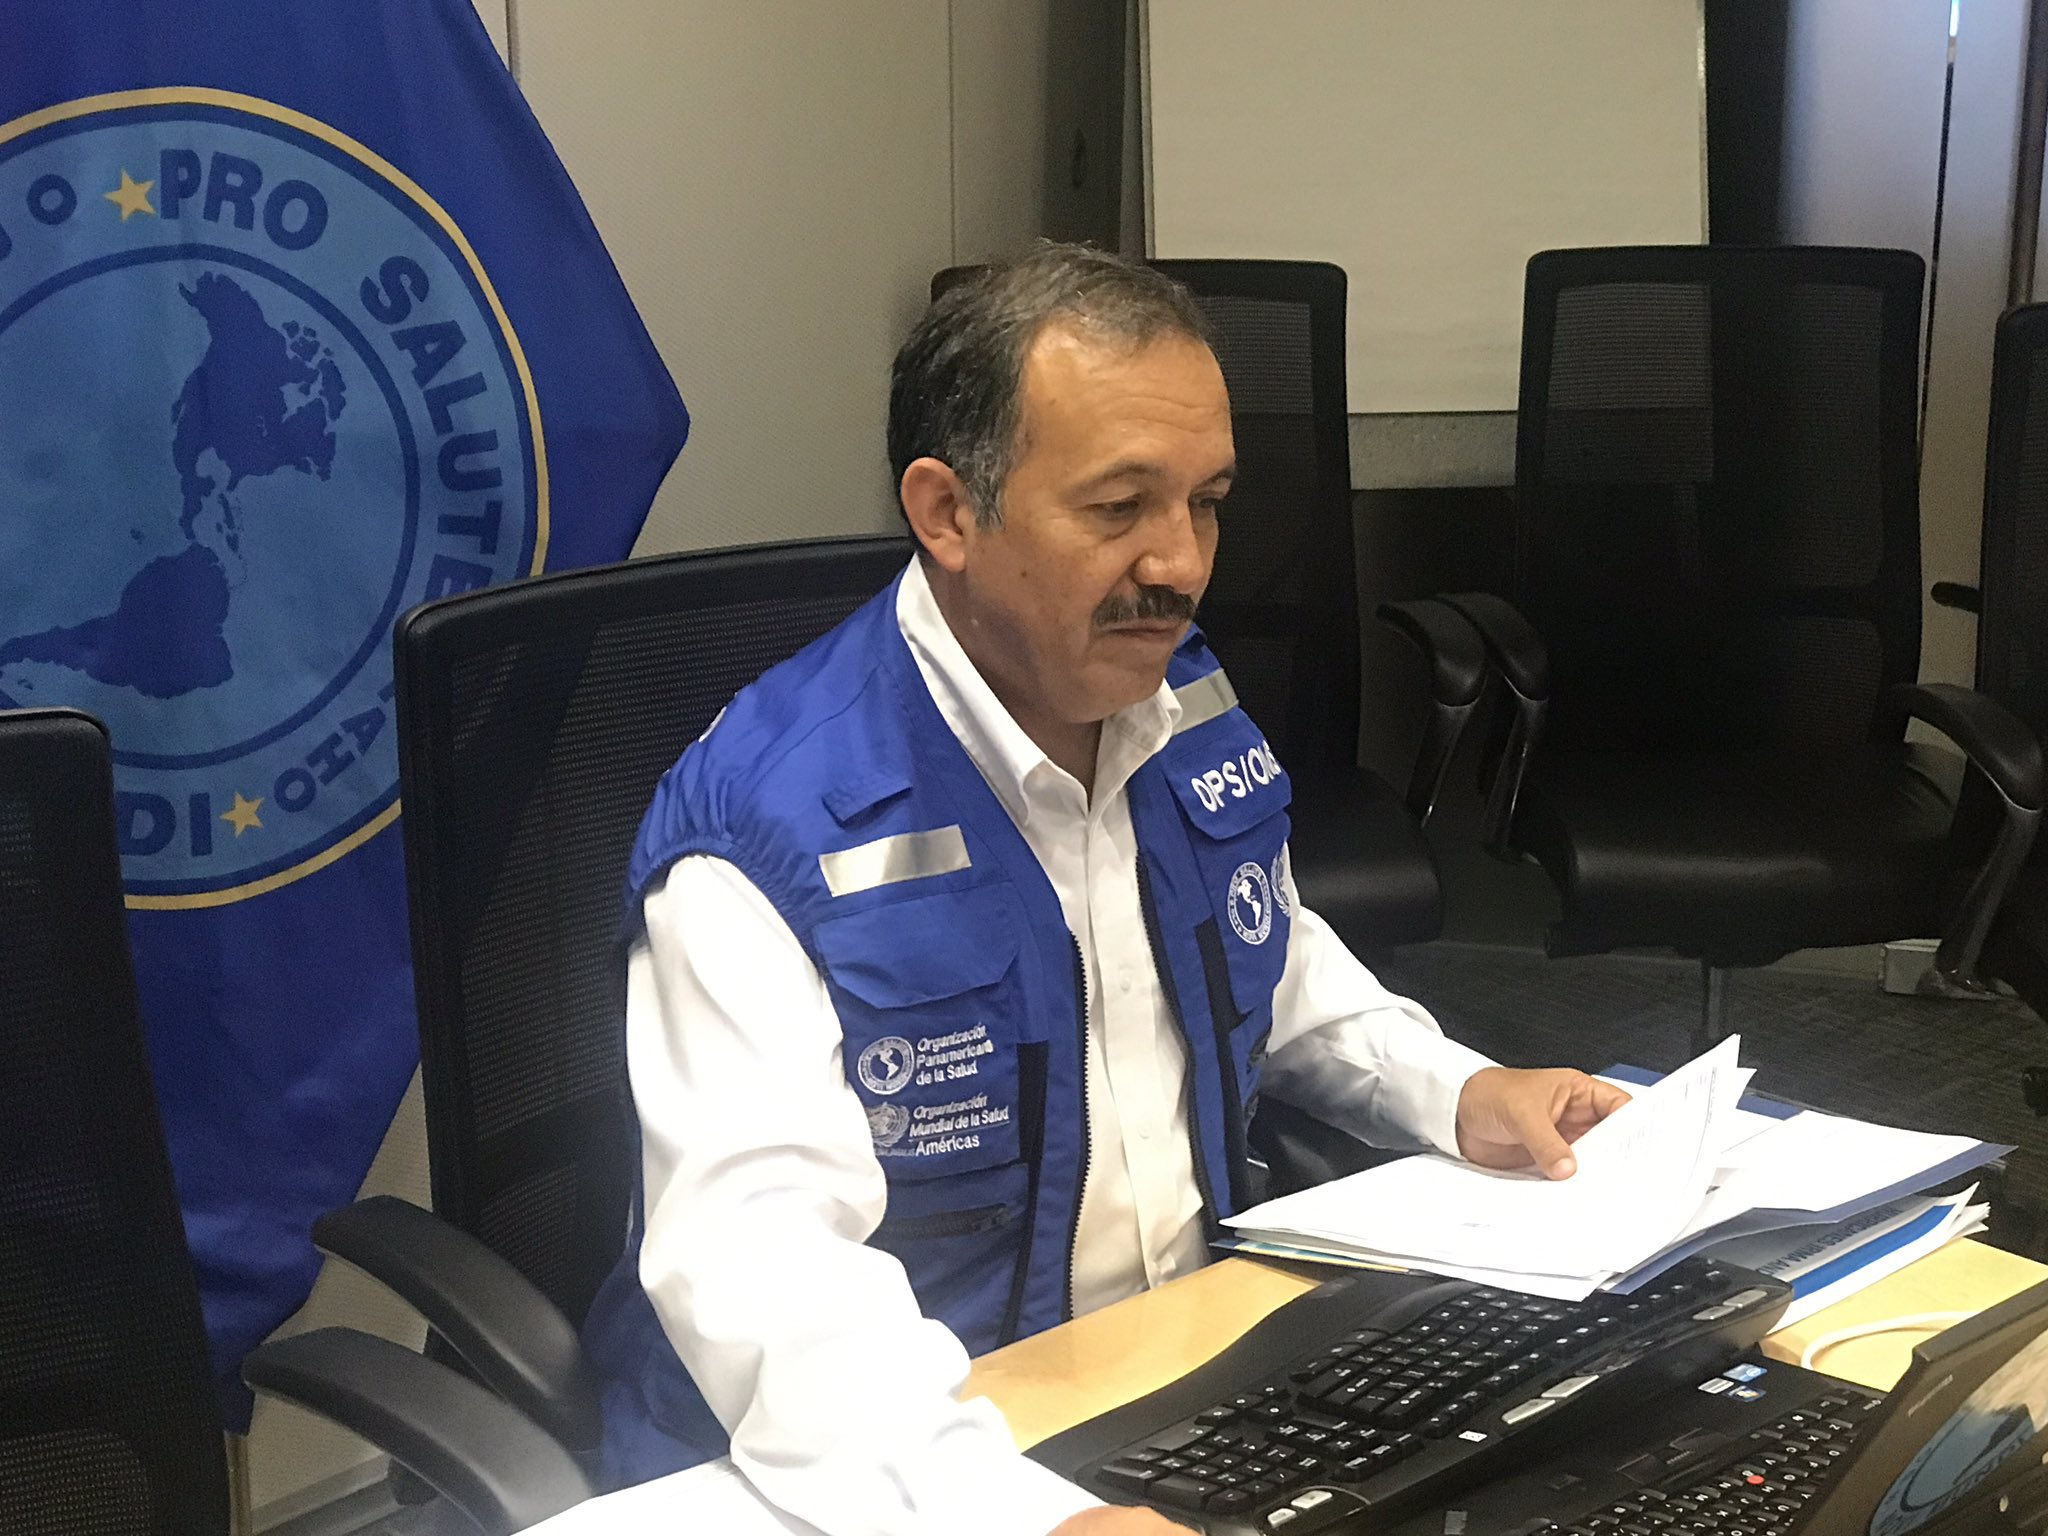 """OPS/OMS on Twitter: """"Dr. Ciro Ugarte alistándose para empezar #FacebookLive  con actualización sobre #HuracanMaria #HuracanIrma #sismos  https://t.co/KB2j9rDKYF… https://t.co/NiQ1NHgP2M"""""""